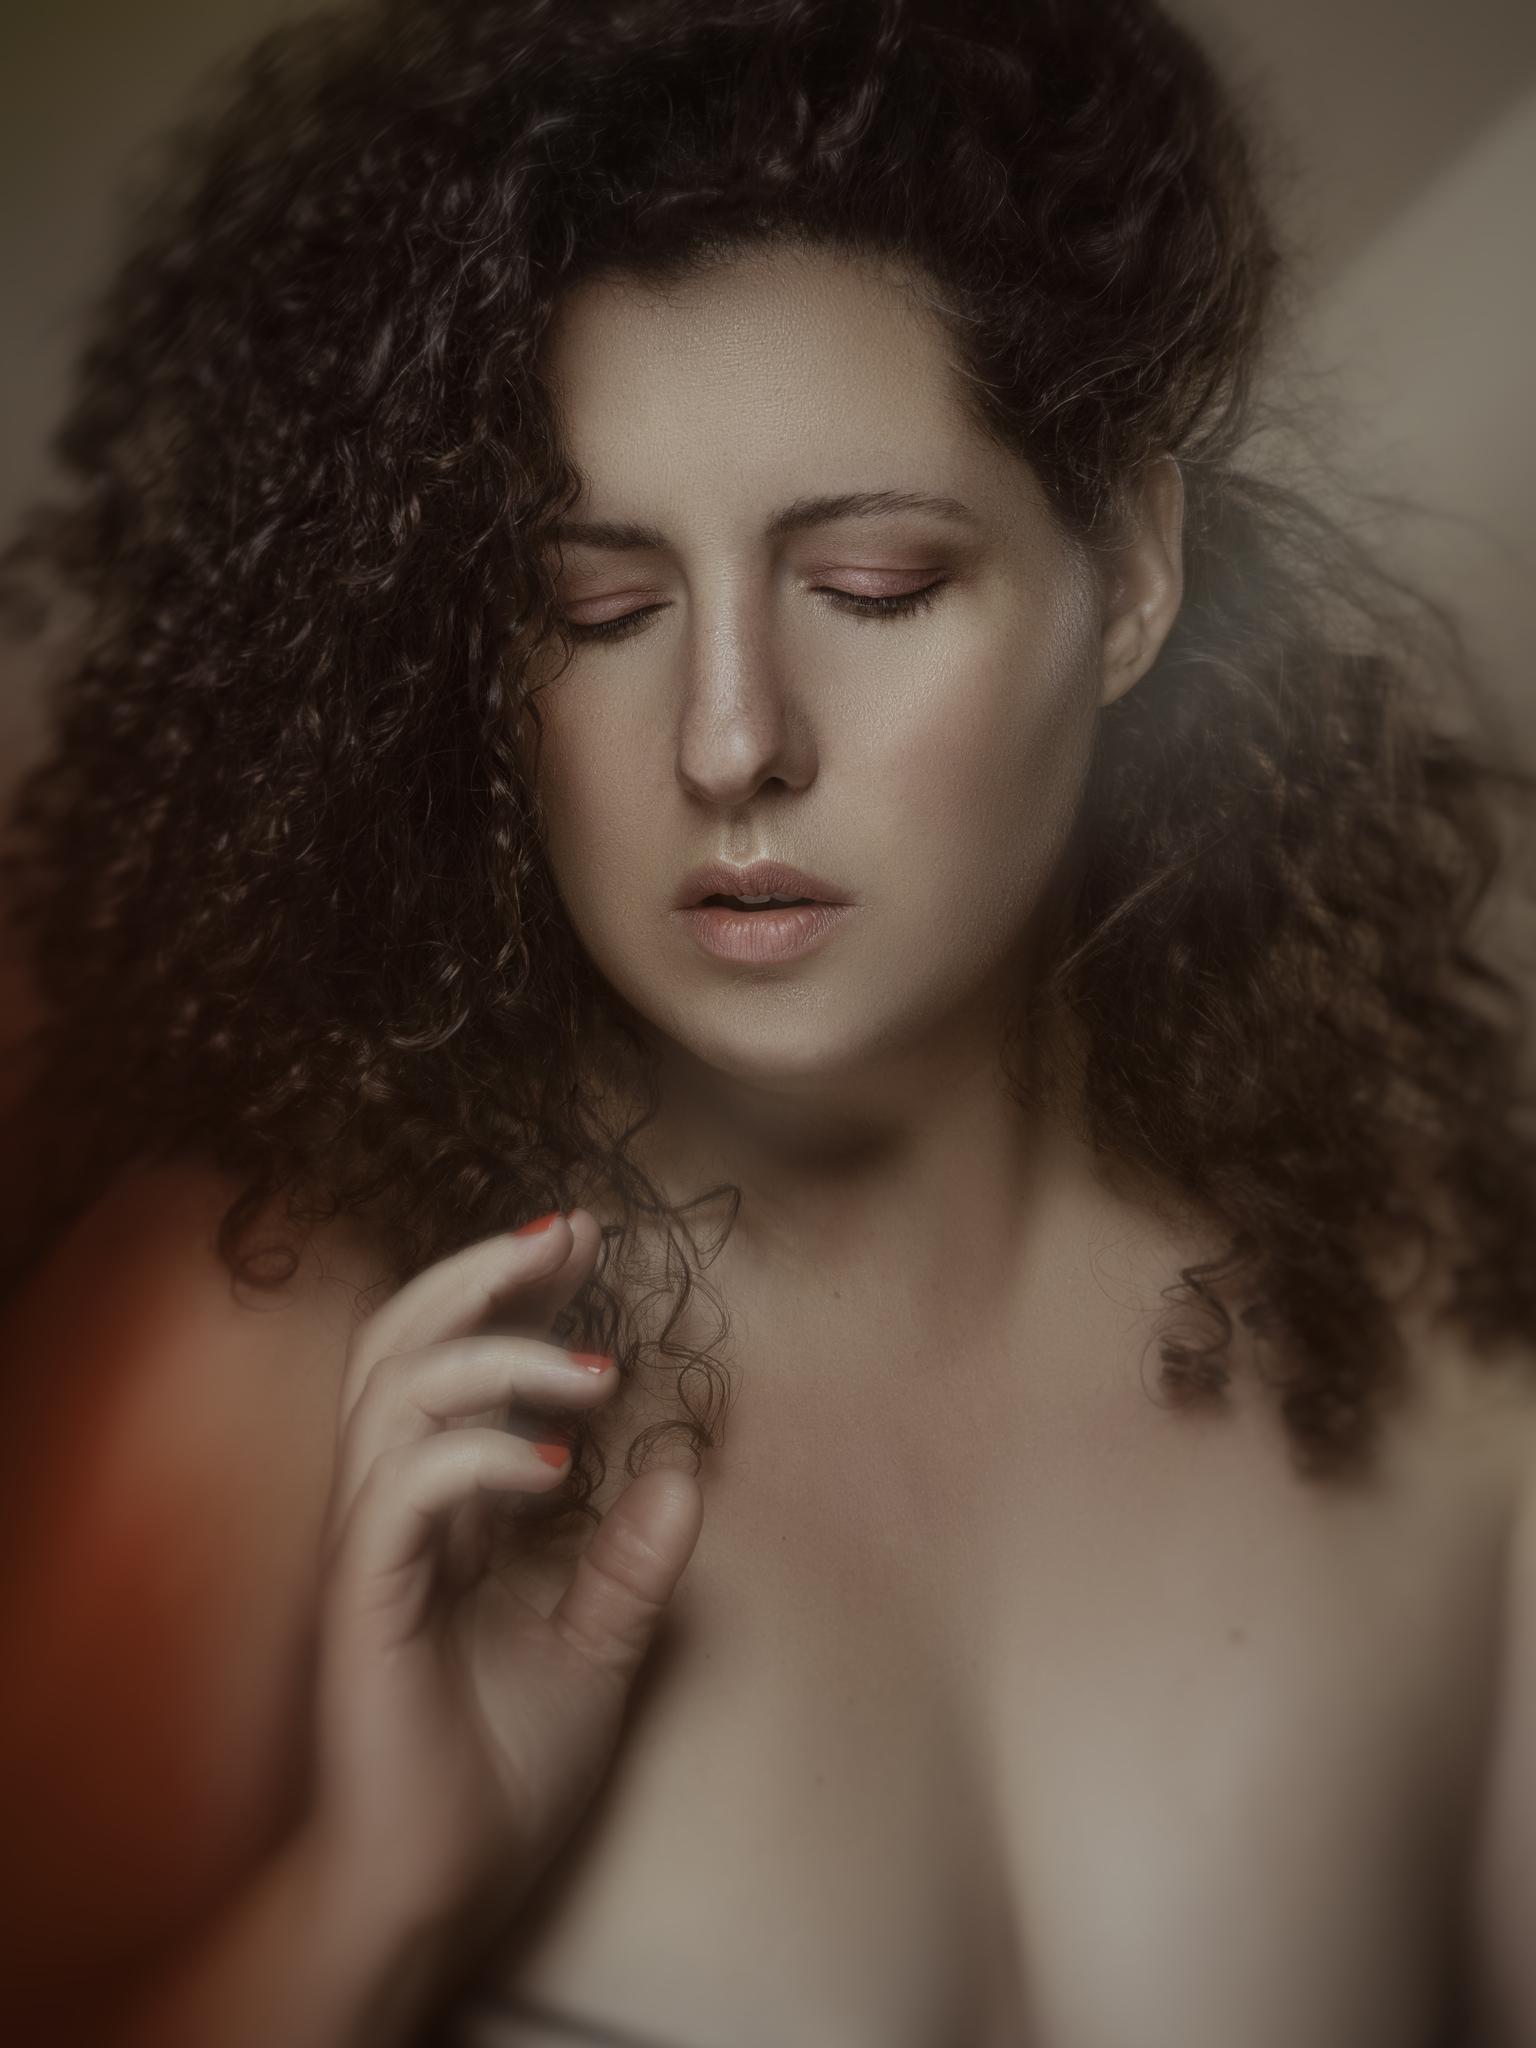 Naline - . - foto door JLugtenberg op 08-04-2021 - deze foto bevat: nude, make up, beauty, belichting, fashion, krullen, curvy, model, portret, kleur, haar, voorhoofd, neus, wang, gezamenlijk, huid, hoofd, lip, kin, wenkbrauw